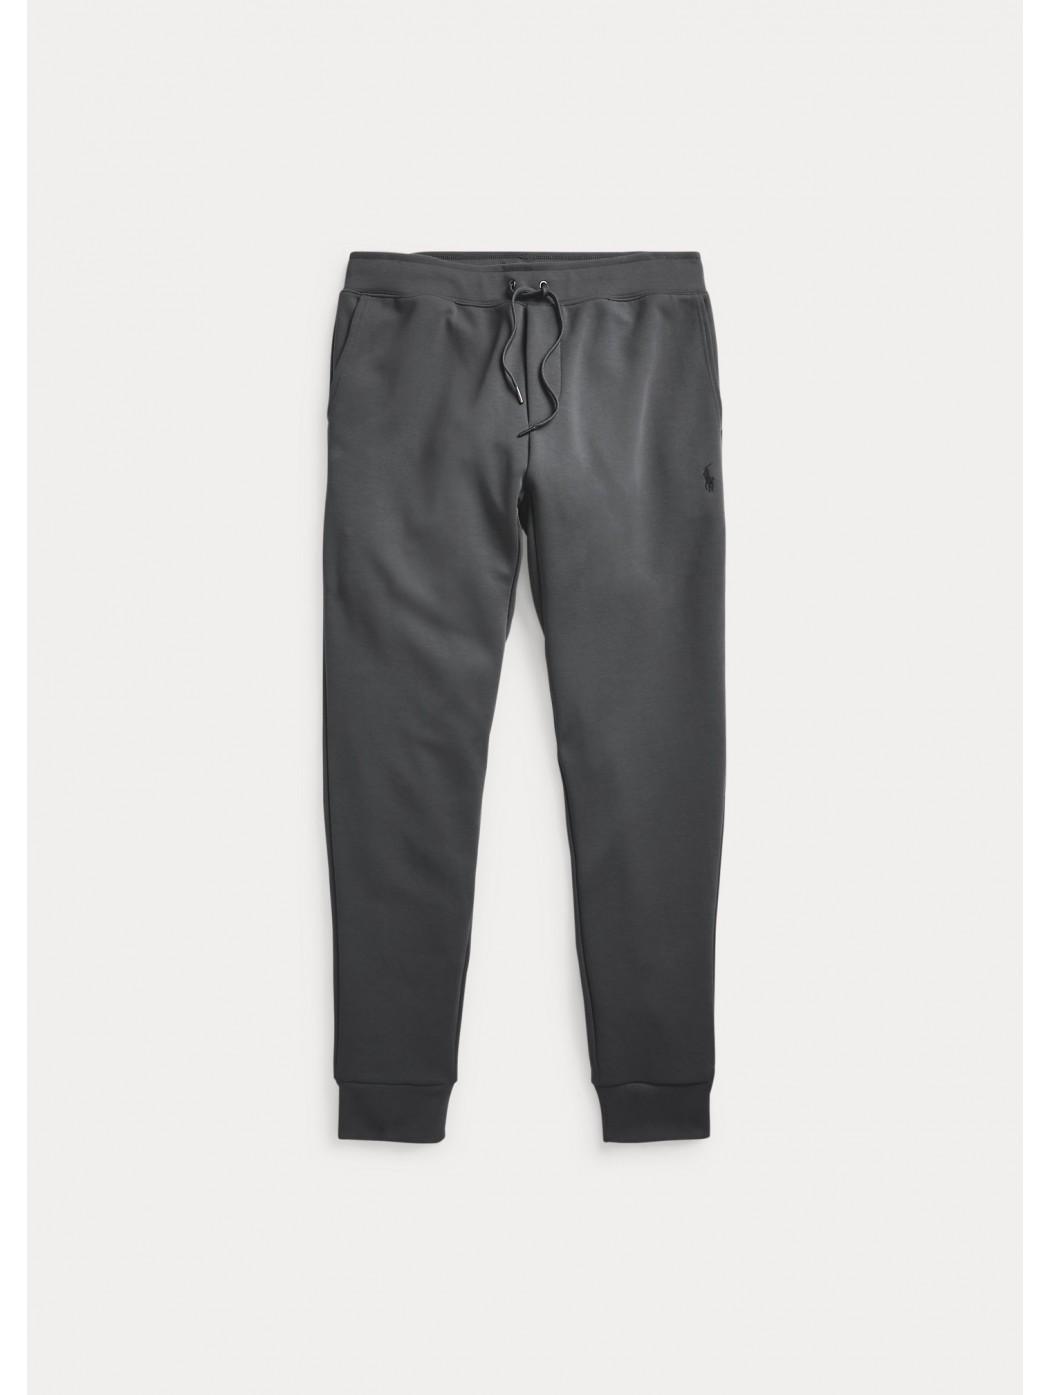 Pantaloni a maglia doppia POLO RALPH LAUREN UOMO 710652314 032